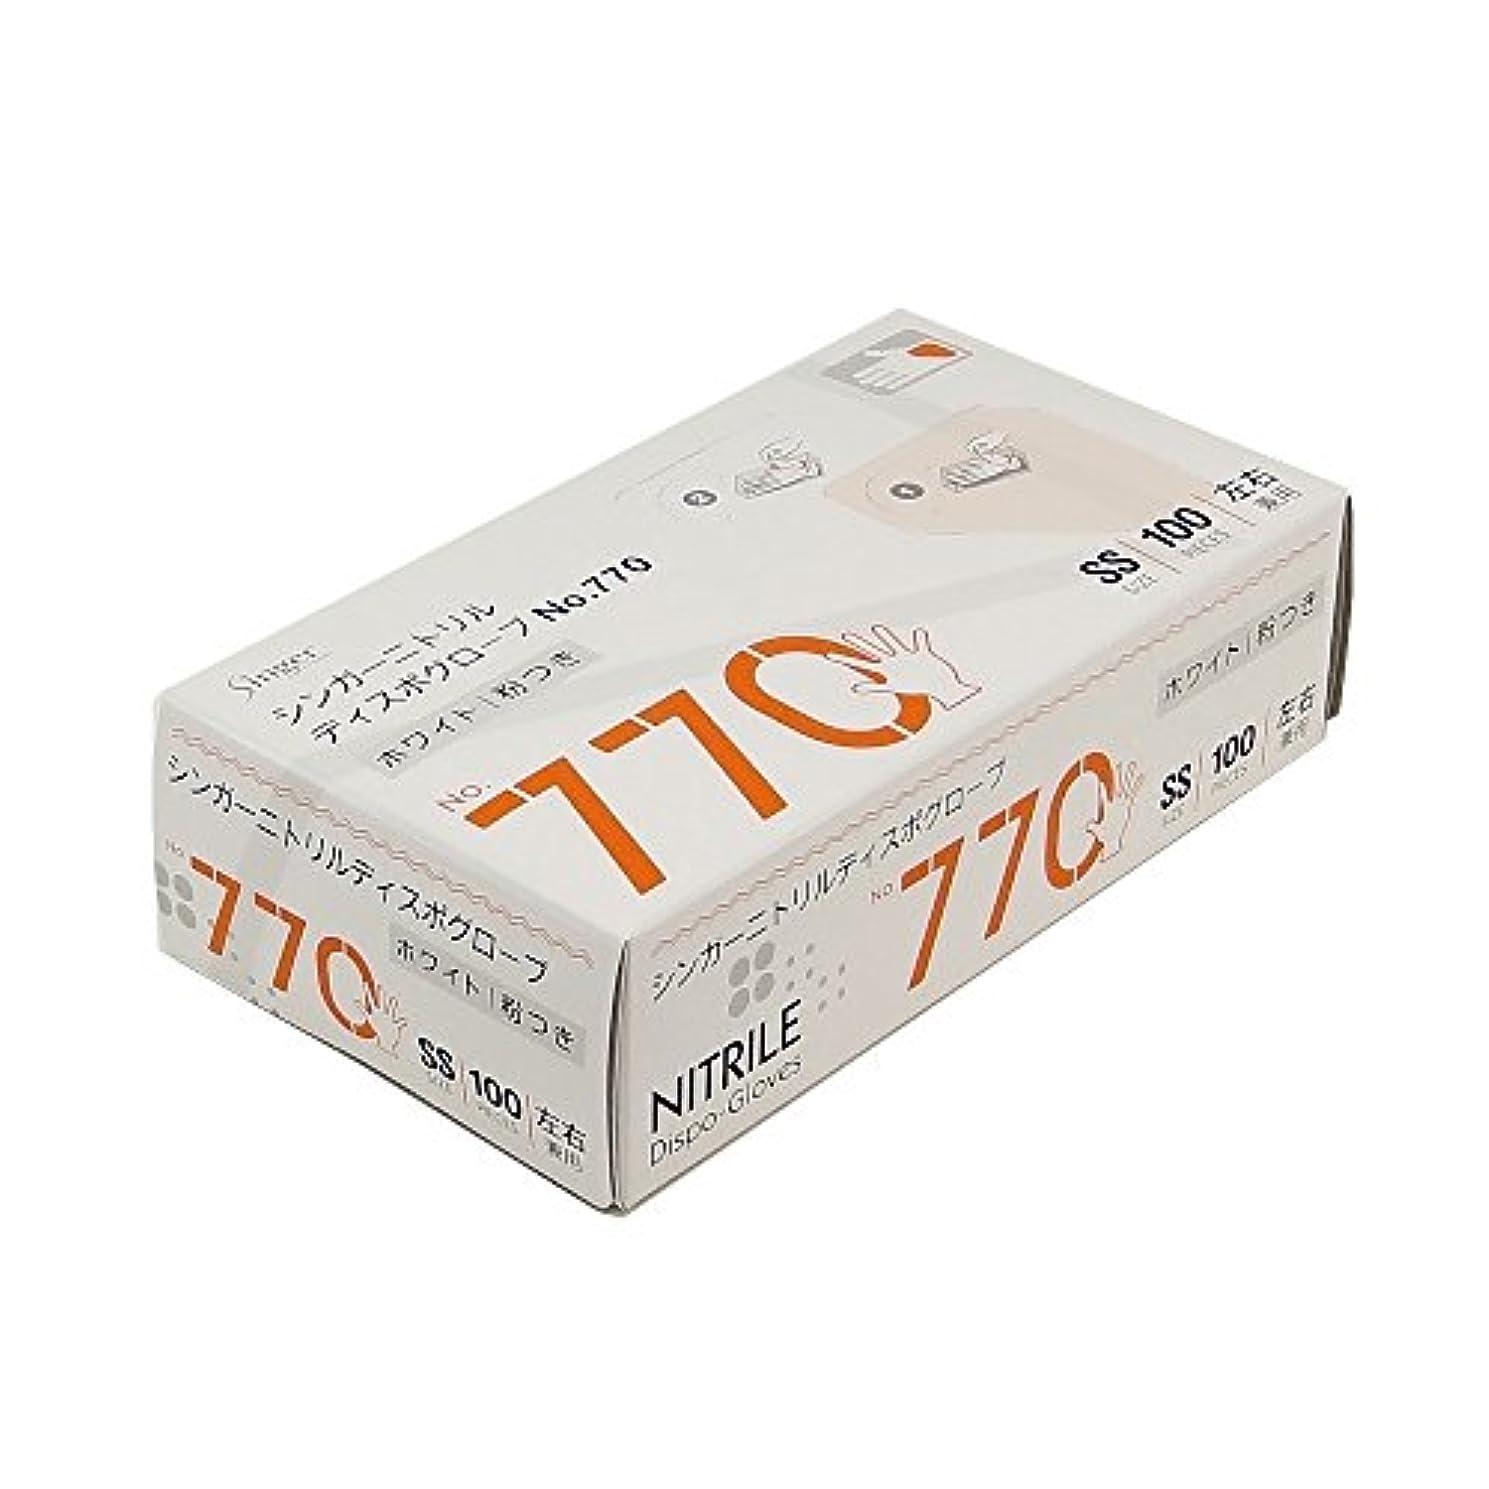 スカウト強大なネックレット宇都宮製作 ディスポ手袋 シンガーニトリルディスポグローブ No.770 ホワイト 粉付 100枚入  SS